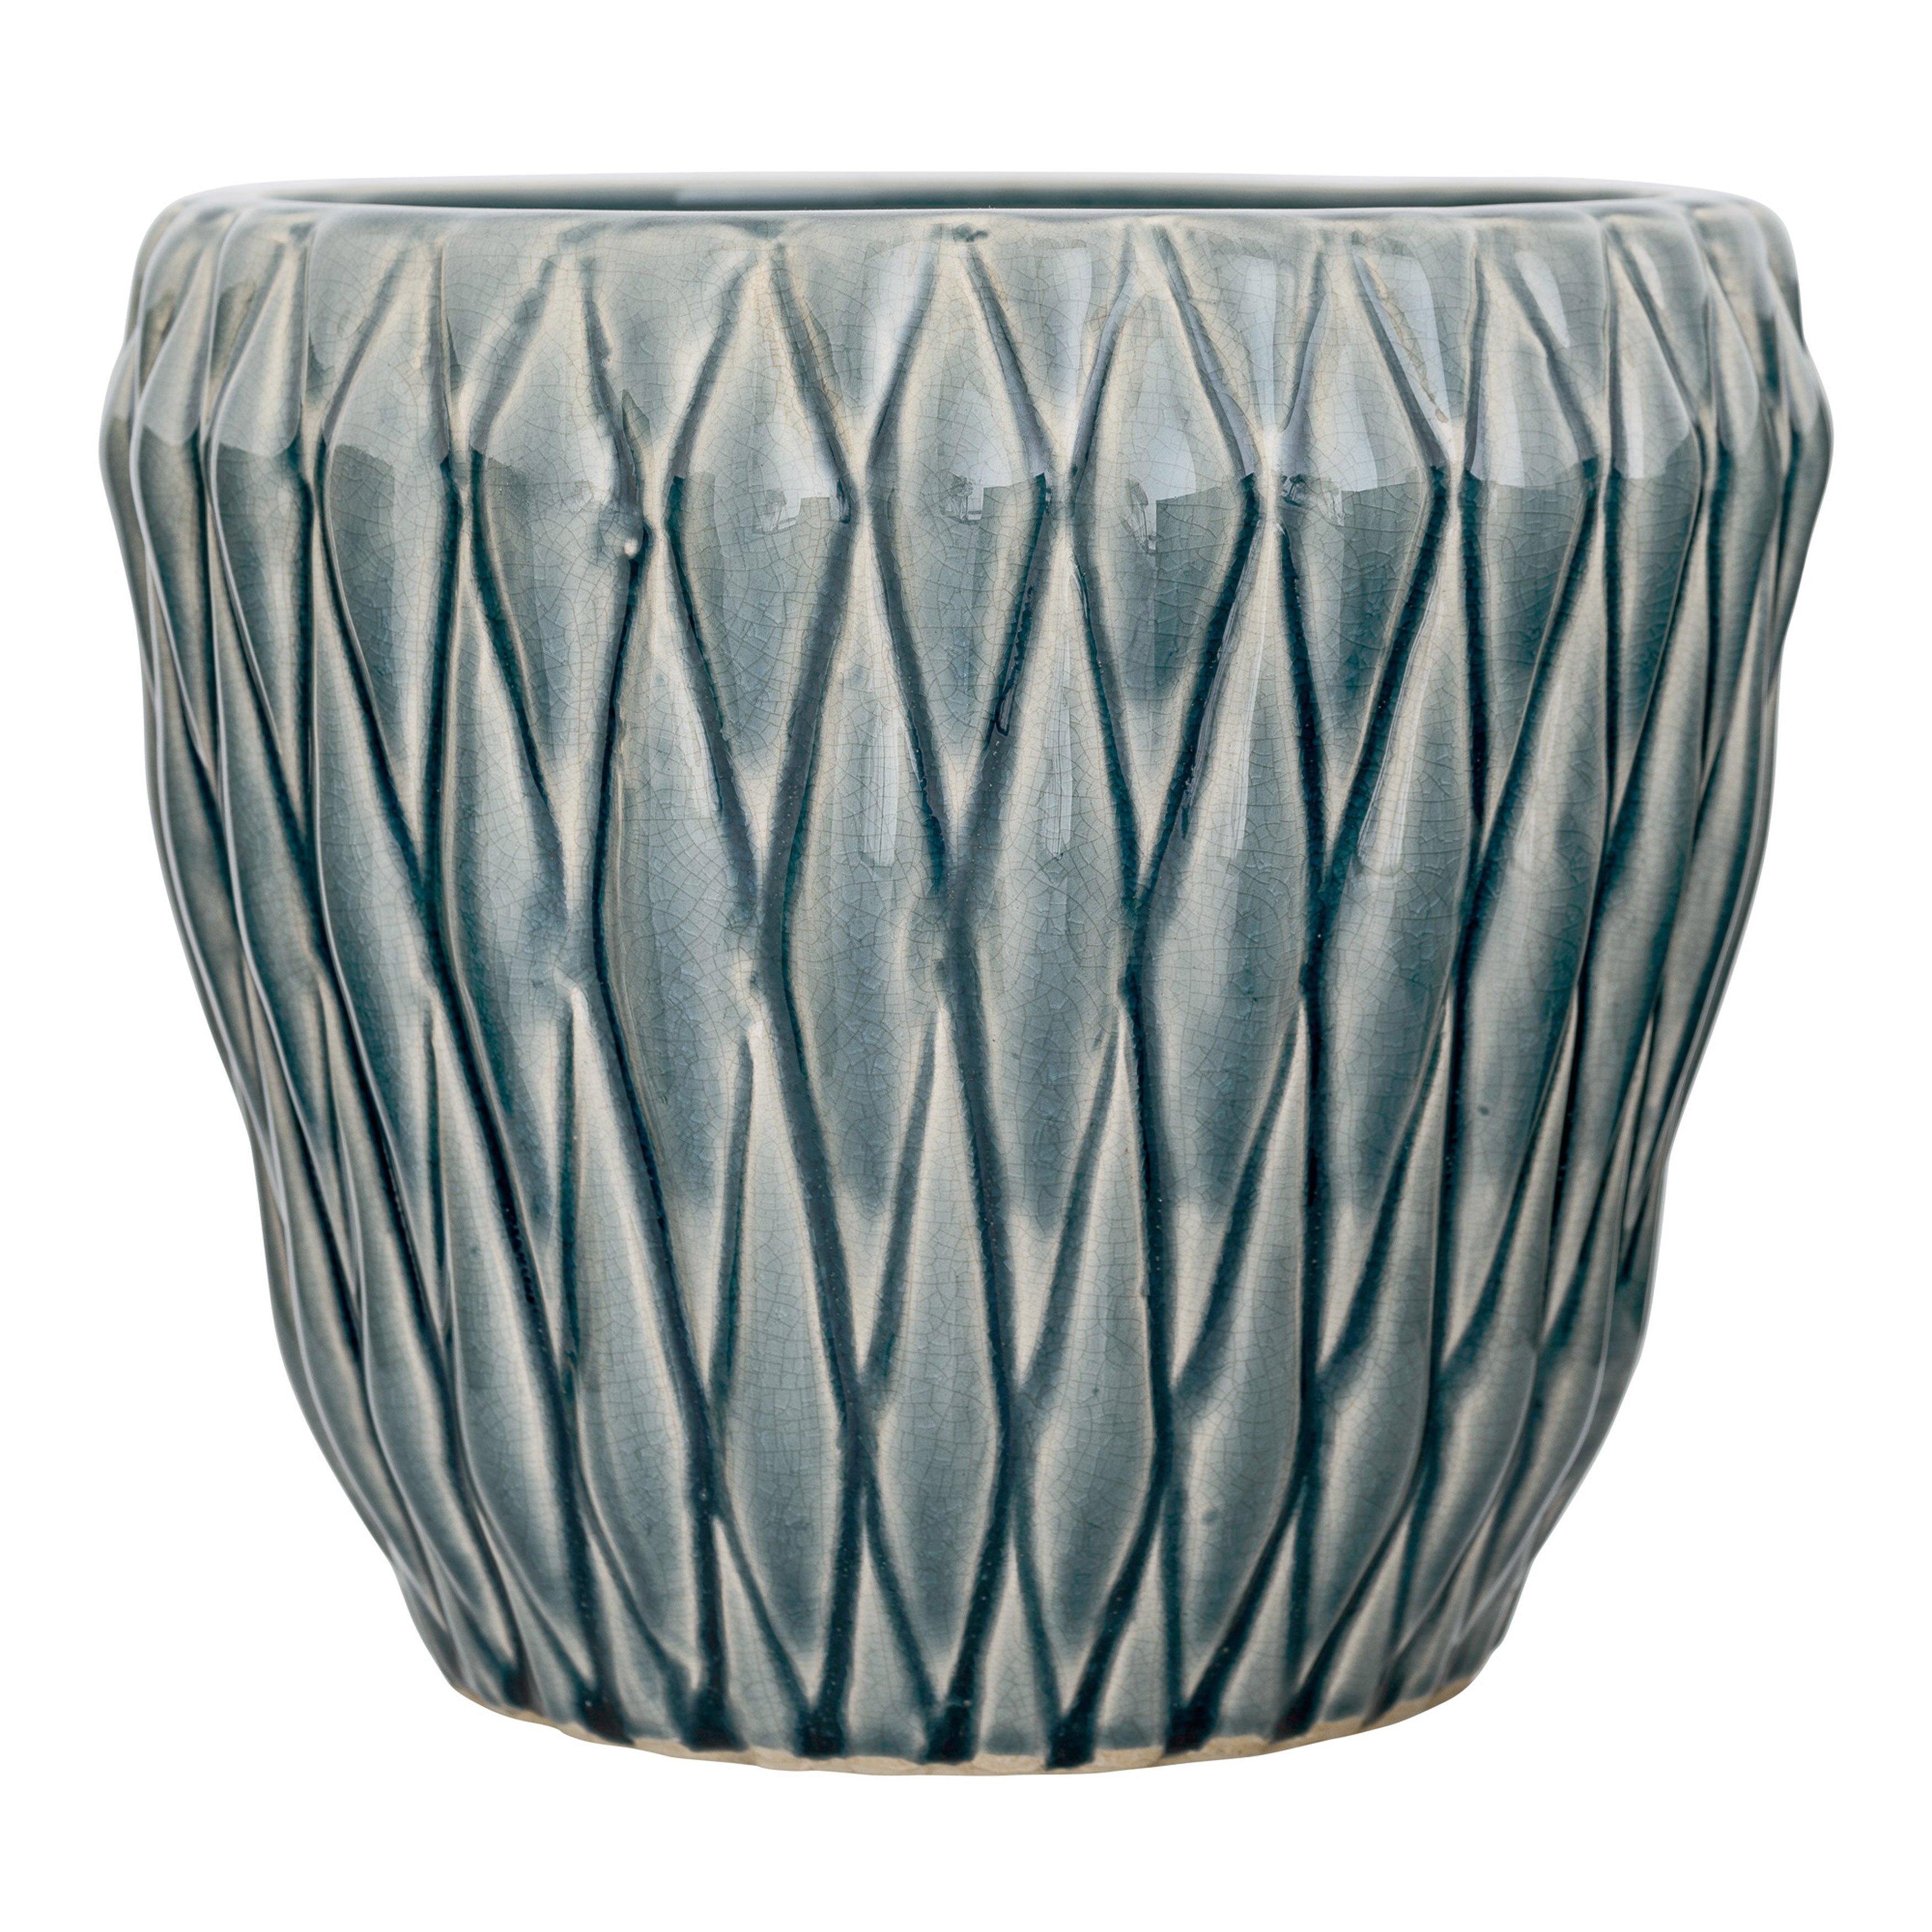 Extra large terracotta pots - Aurelien Ceramic Pot Planter